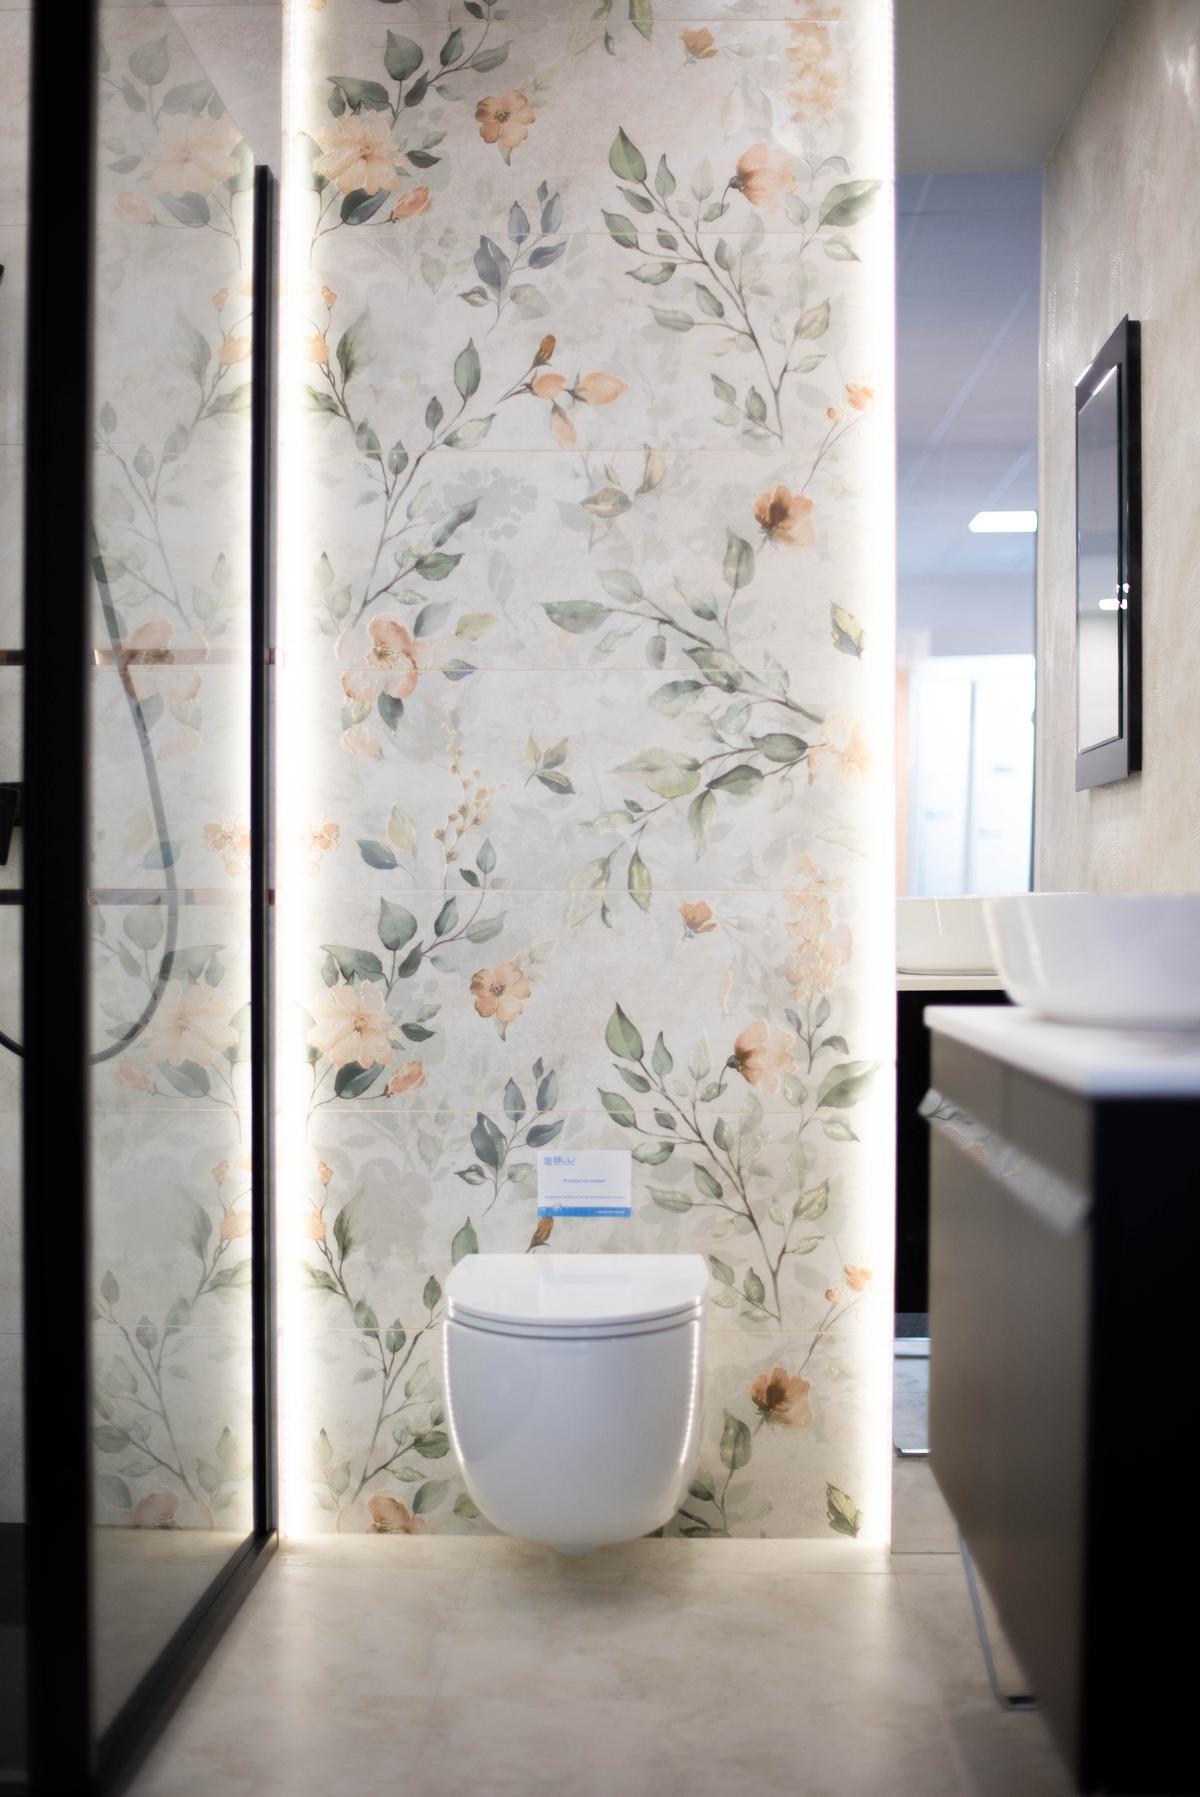 Koncepcja na toaletę w kwiaty z płytkami Azario Pravia - zdjęcie od BLU salon łazienek Suwałki